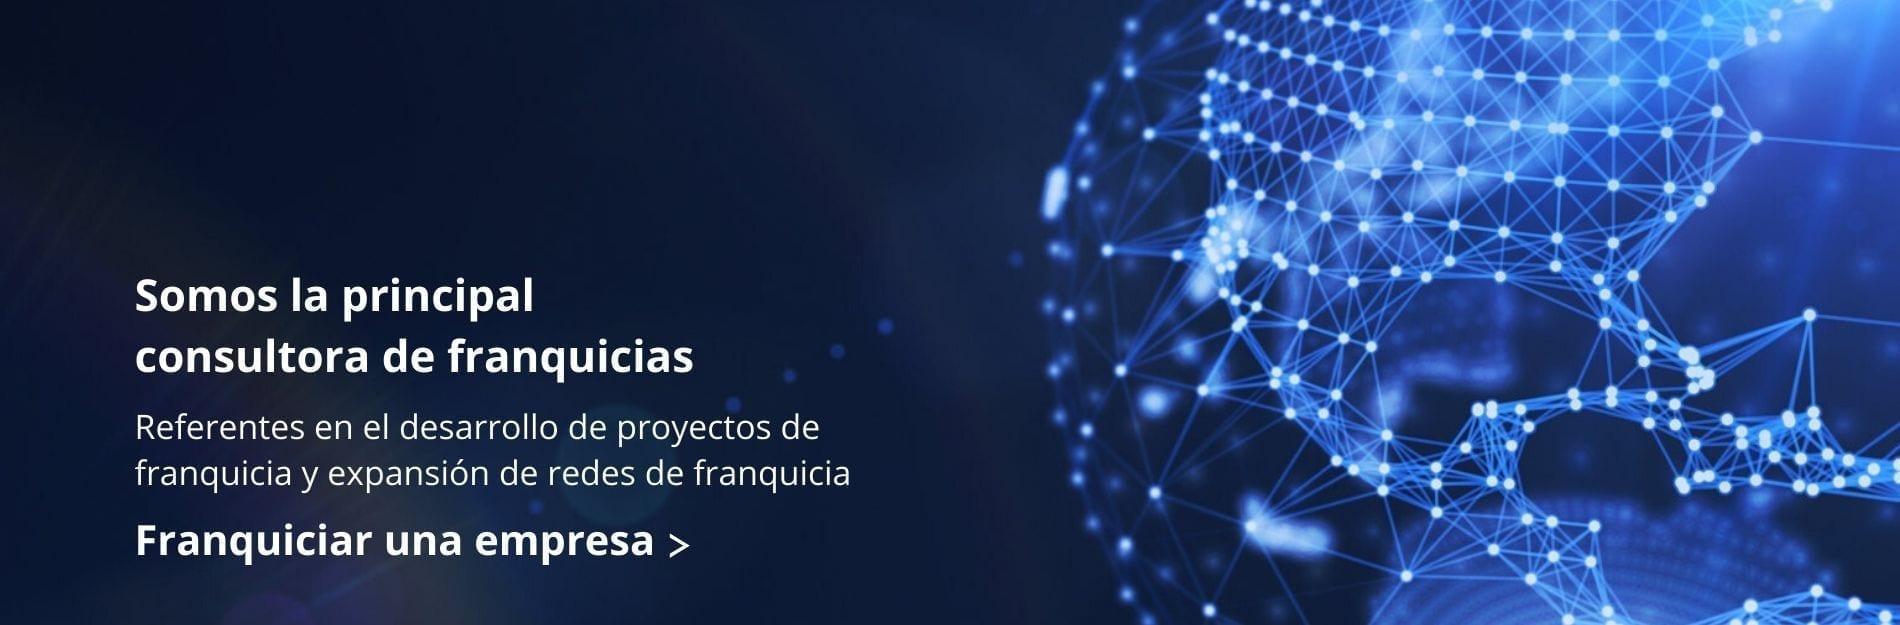 Somos Tormo Franquicias la Consultora de Franquicias lider en España. Franquiciadores y expertos en franquicias.